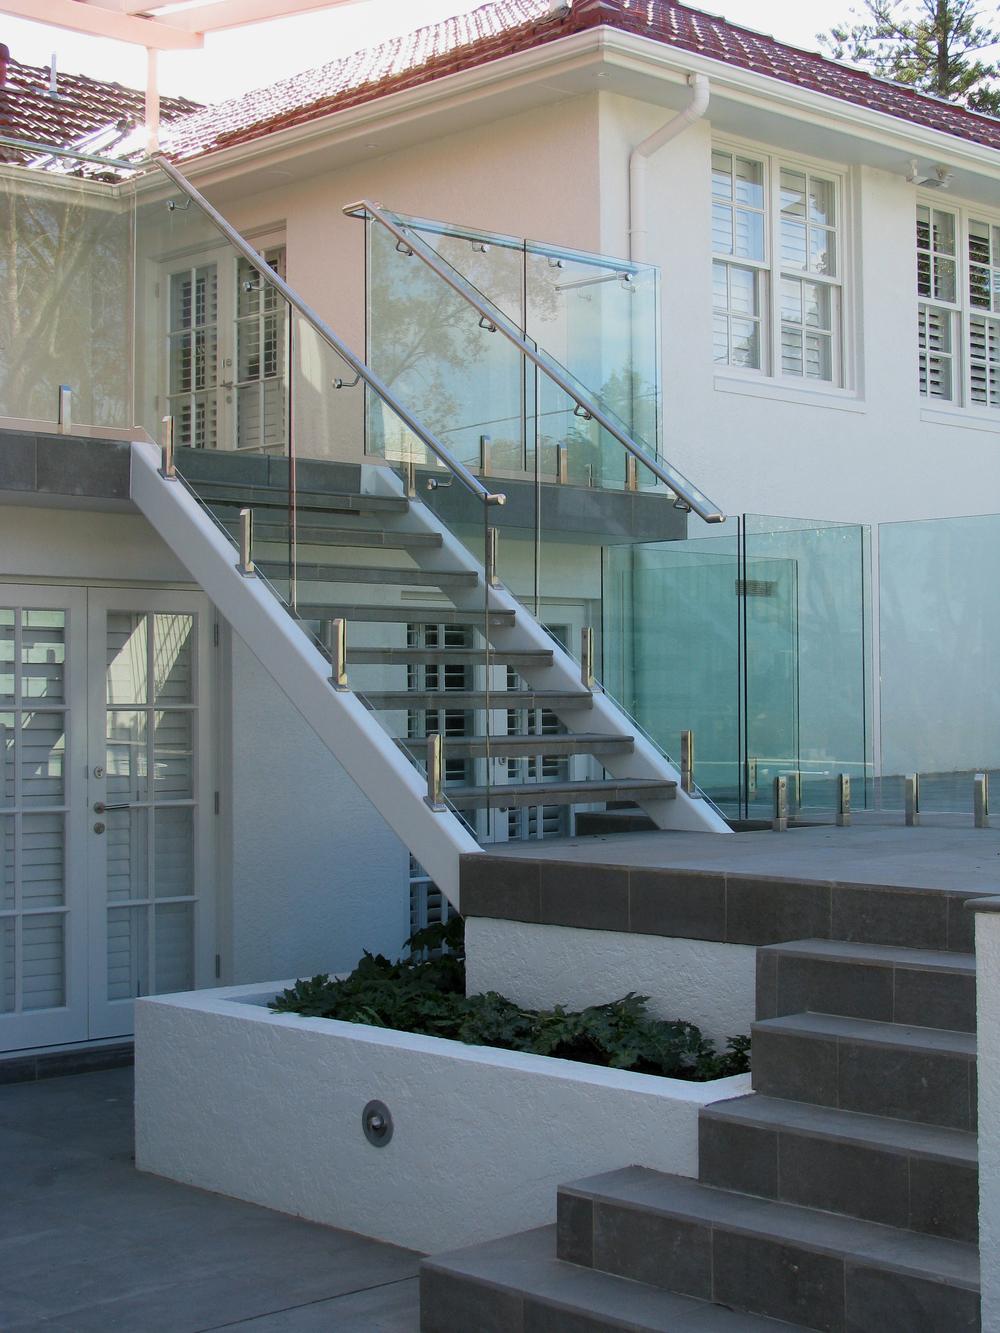 Bellambi-Lindfield-stairs.jpg